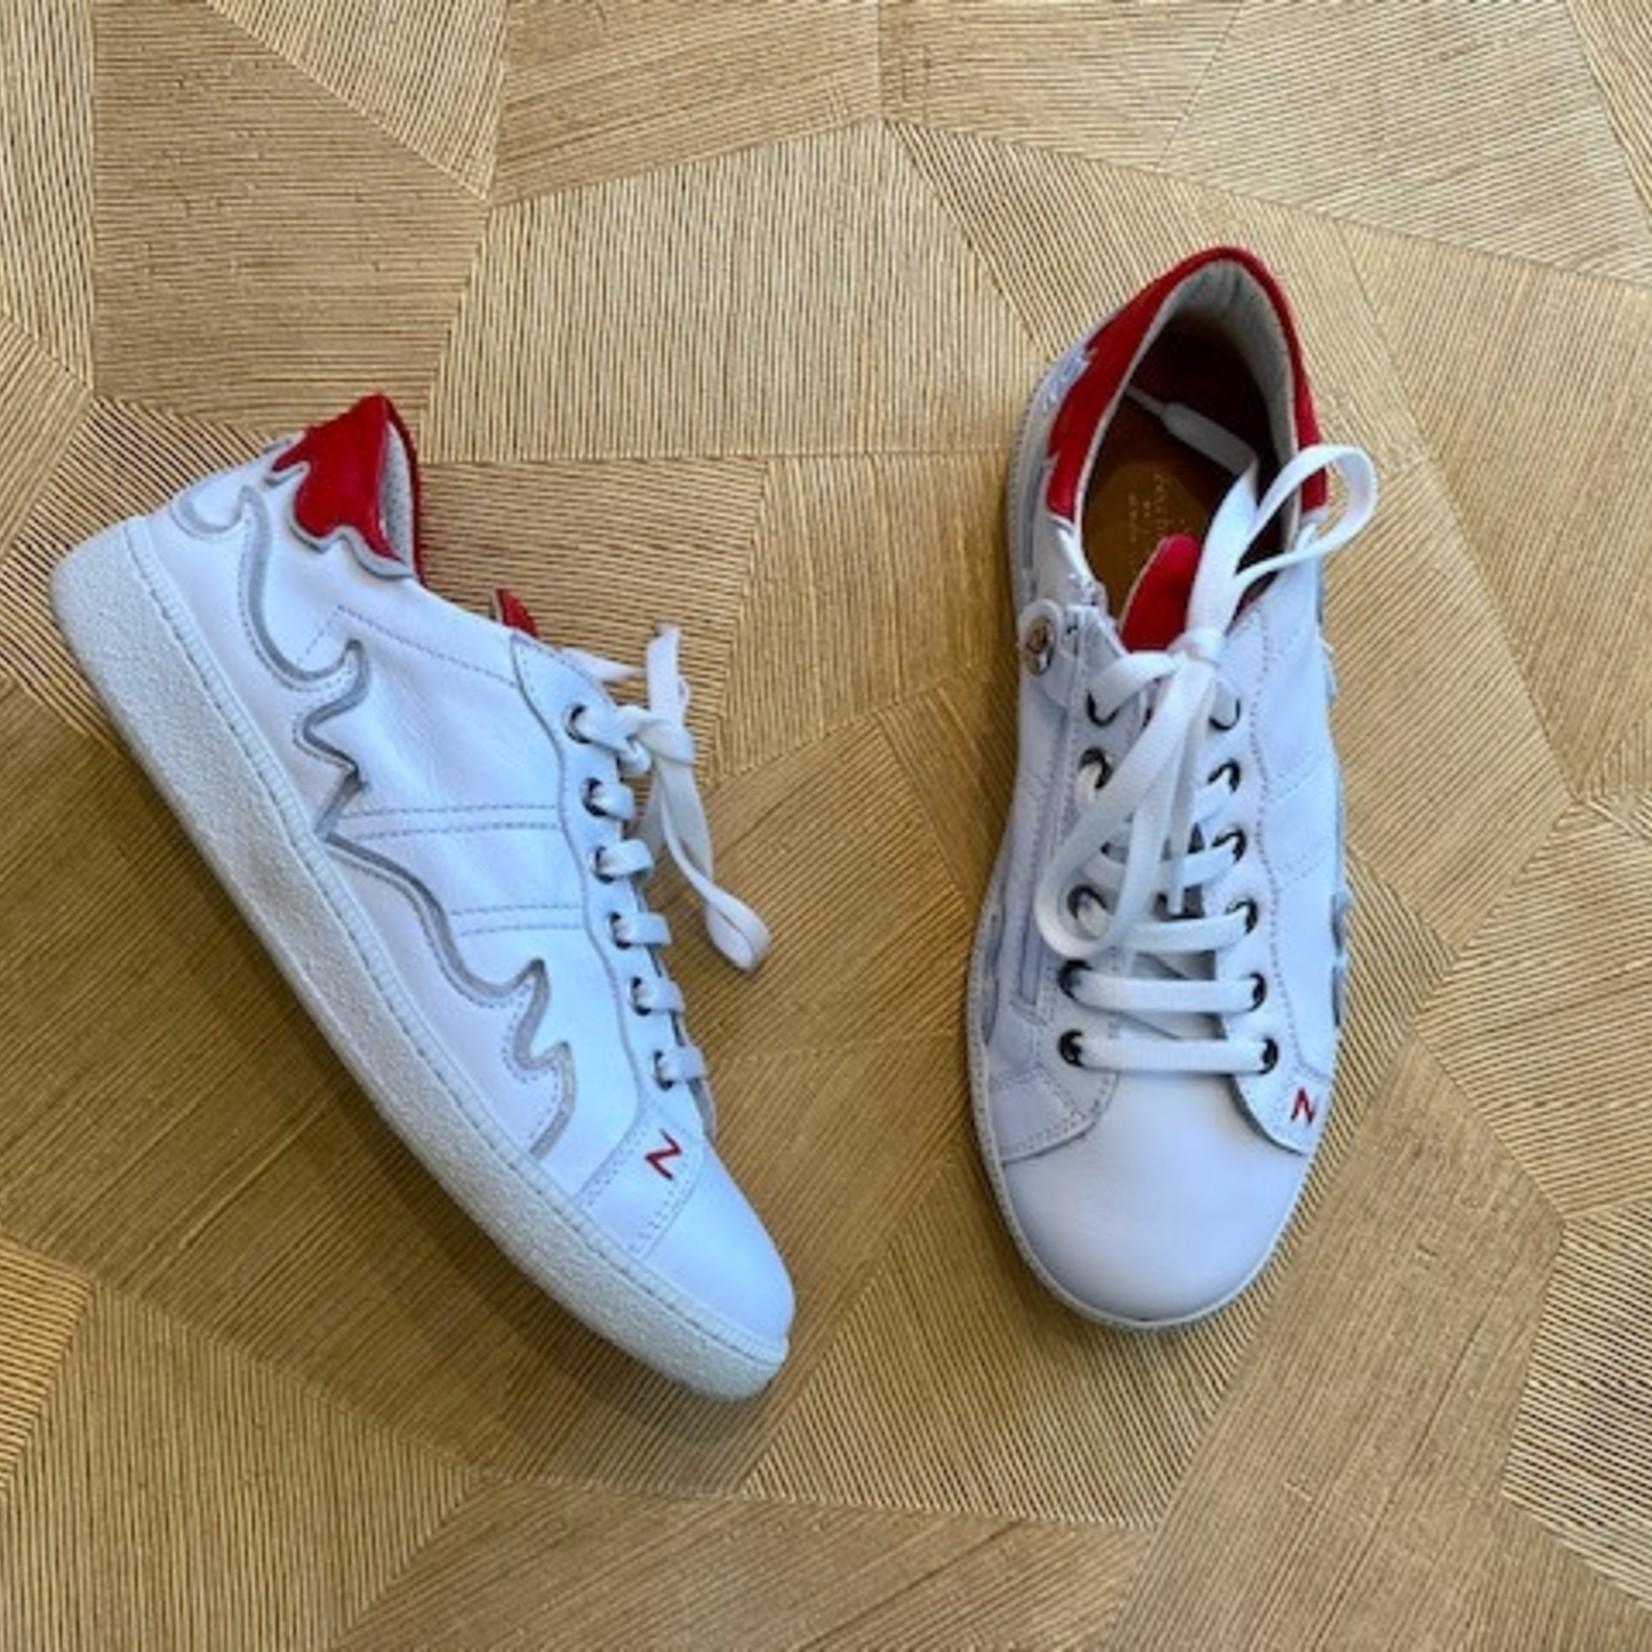 ZECCHINO D'ORO ZECCHINO D'ORO  sneaker golfjes ROOD